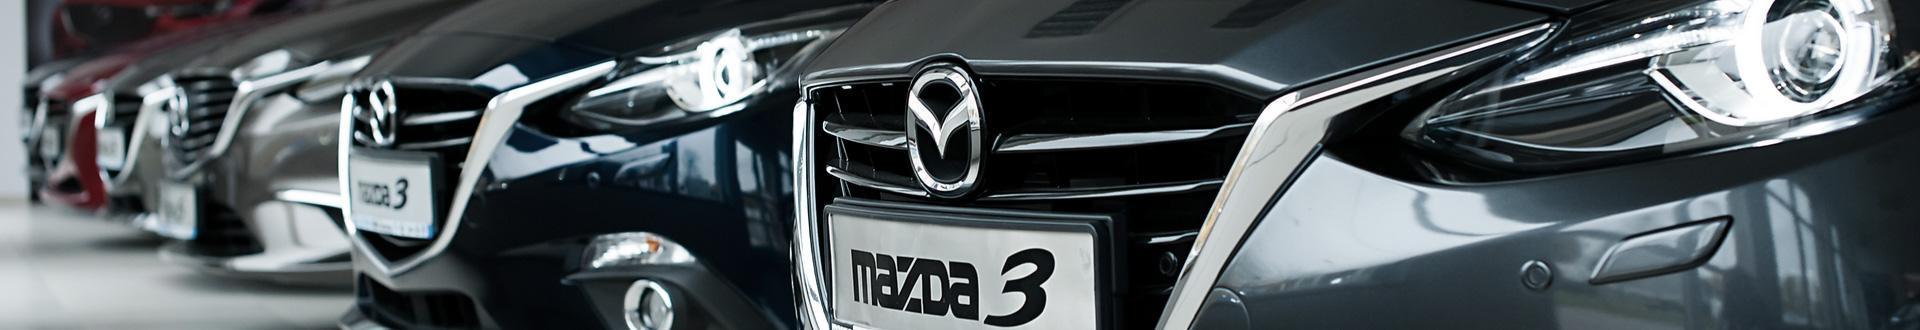 Grill auta Mazda 3